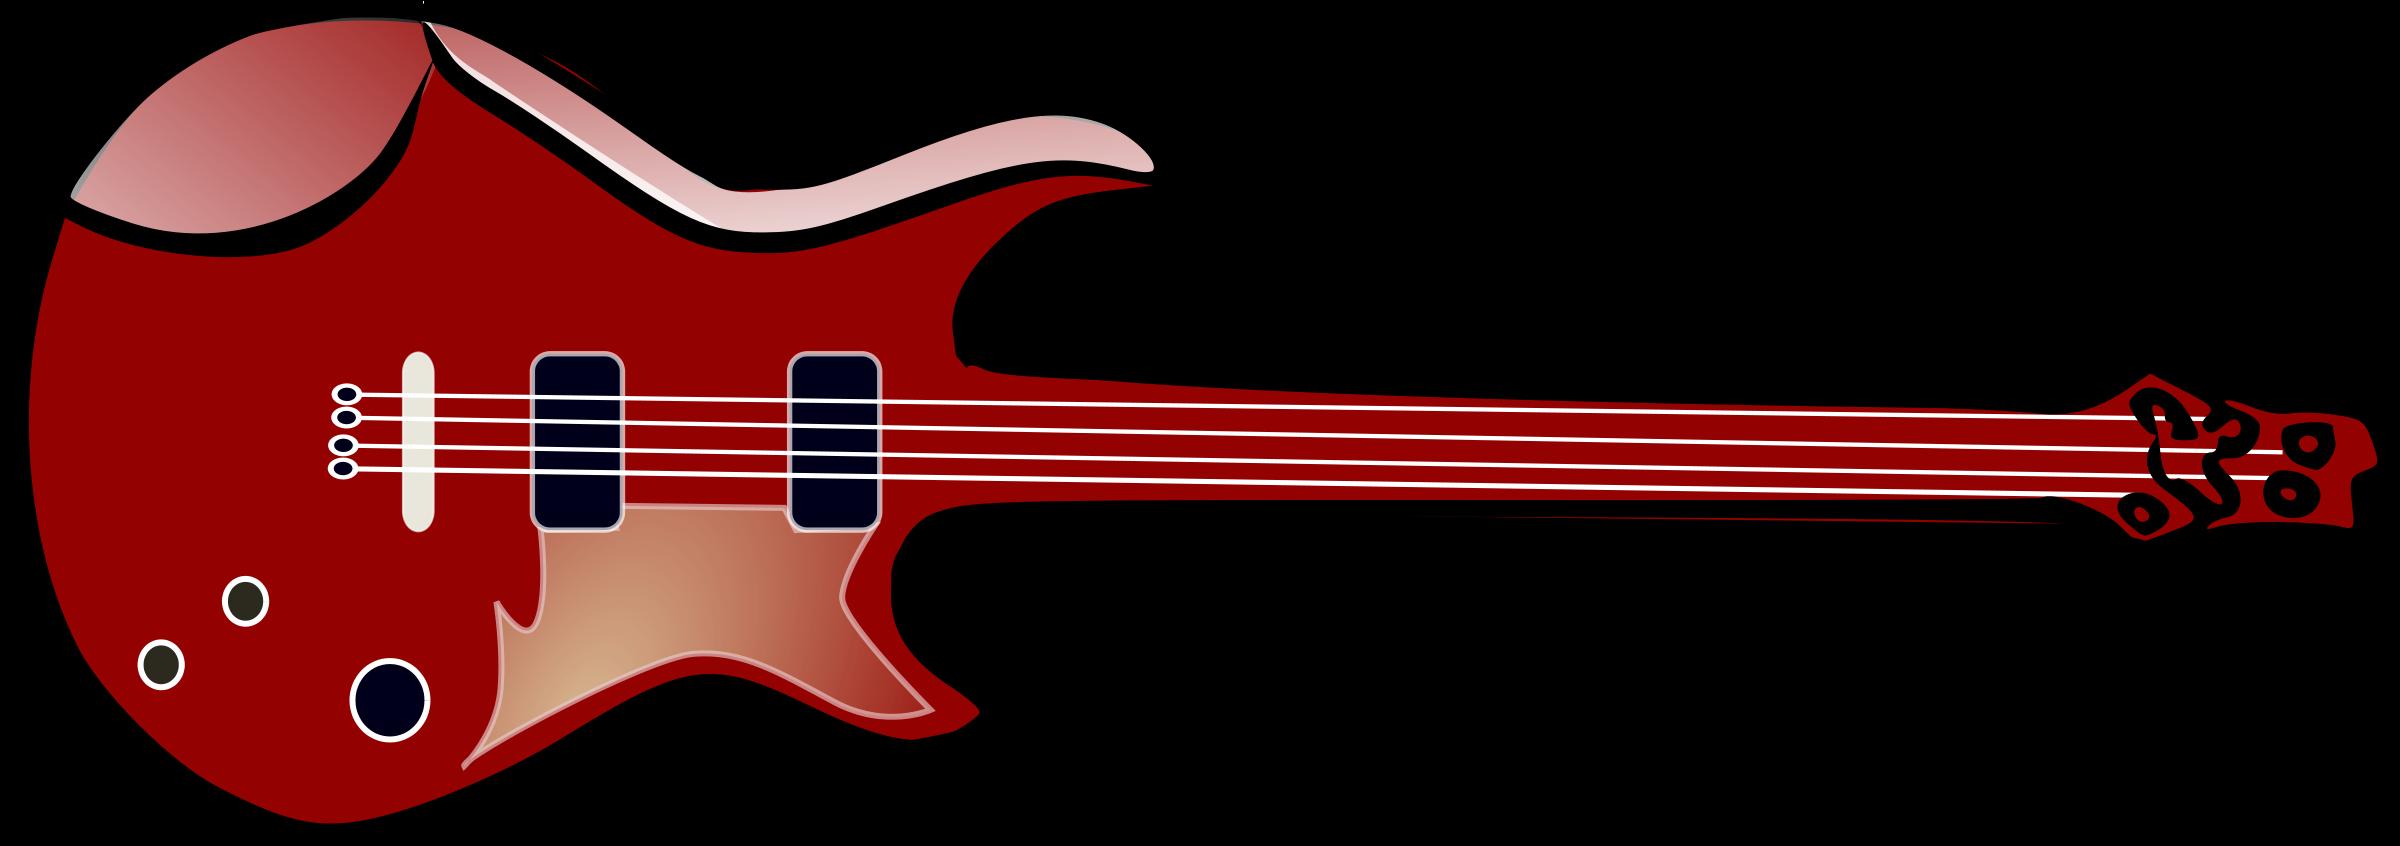 Guitar clipart #6, Download drawings